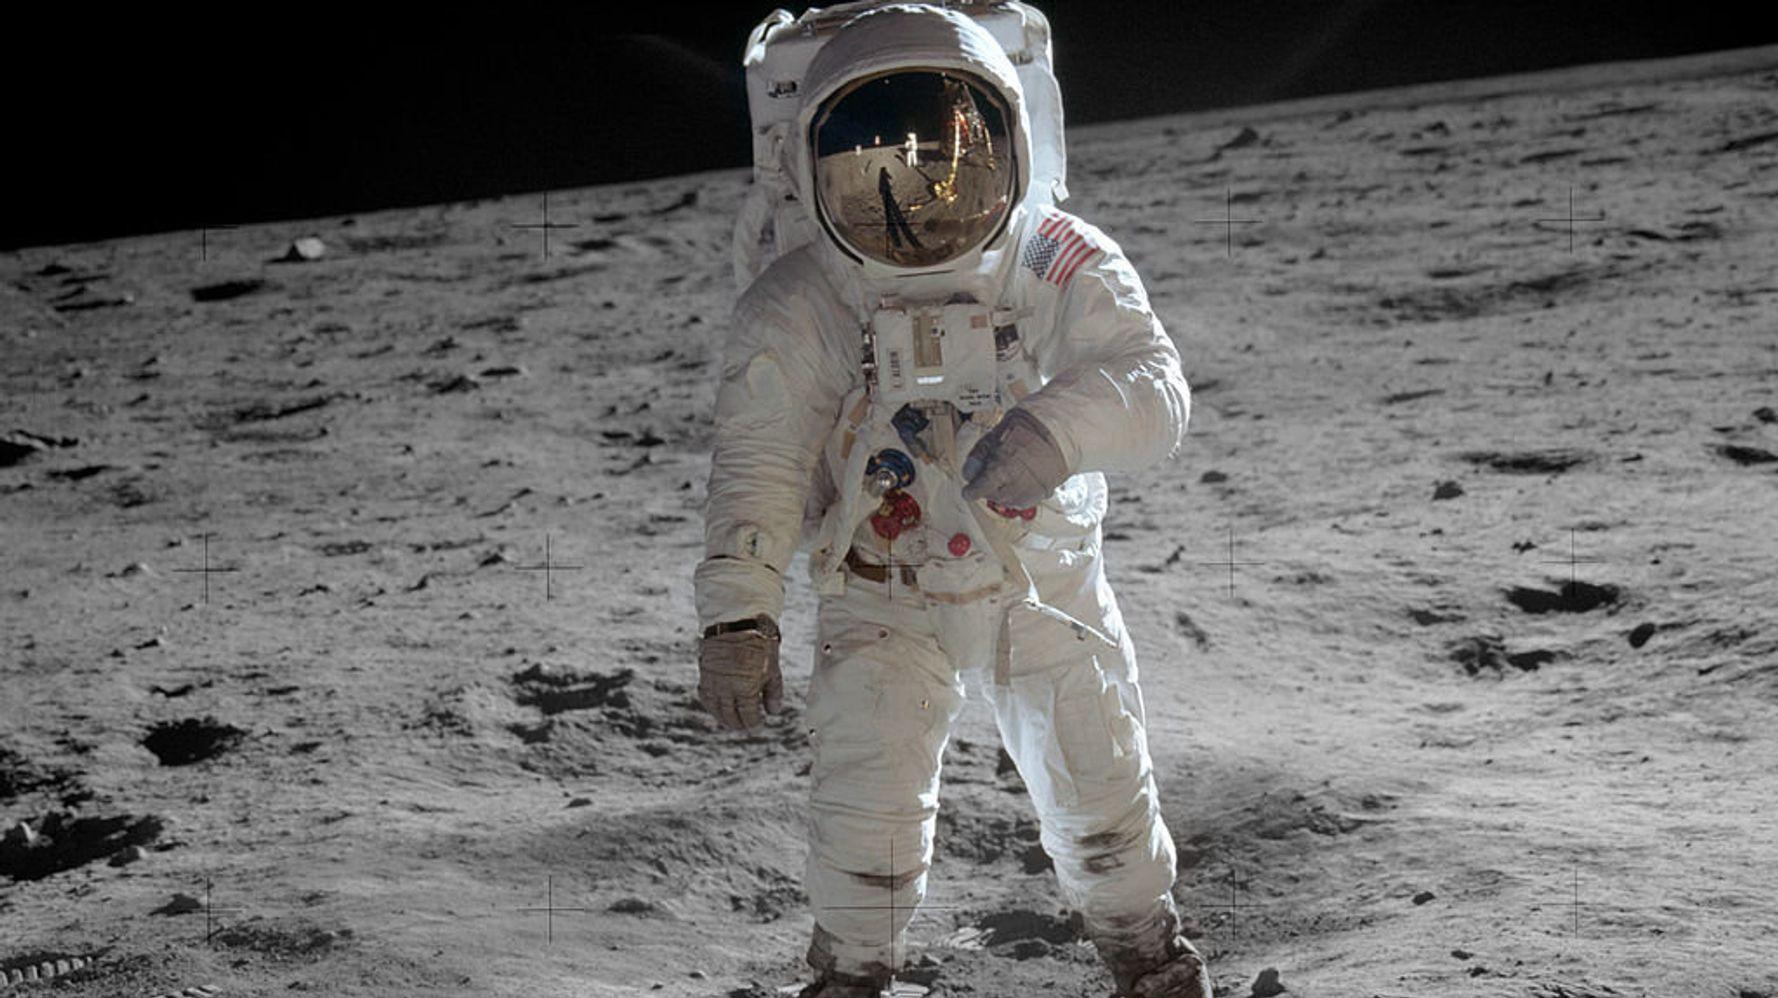 Η Νανά Παλαιτσάκη σκιαγραφεί την σημερινή πραγματικότητα που μας επέβαλε ο κορωνοϊός, ως μια επιστροφή στο παρελθόν. Μια πορεία από το Φεγγάρι όπου πριν από χρόνια πάτησε το πόδι του ο άνθρωπος, πίσω στα μικροσκοπικά σπήλαια που ο καθένας αποκαλεί σπίτι του… new deal